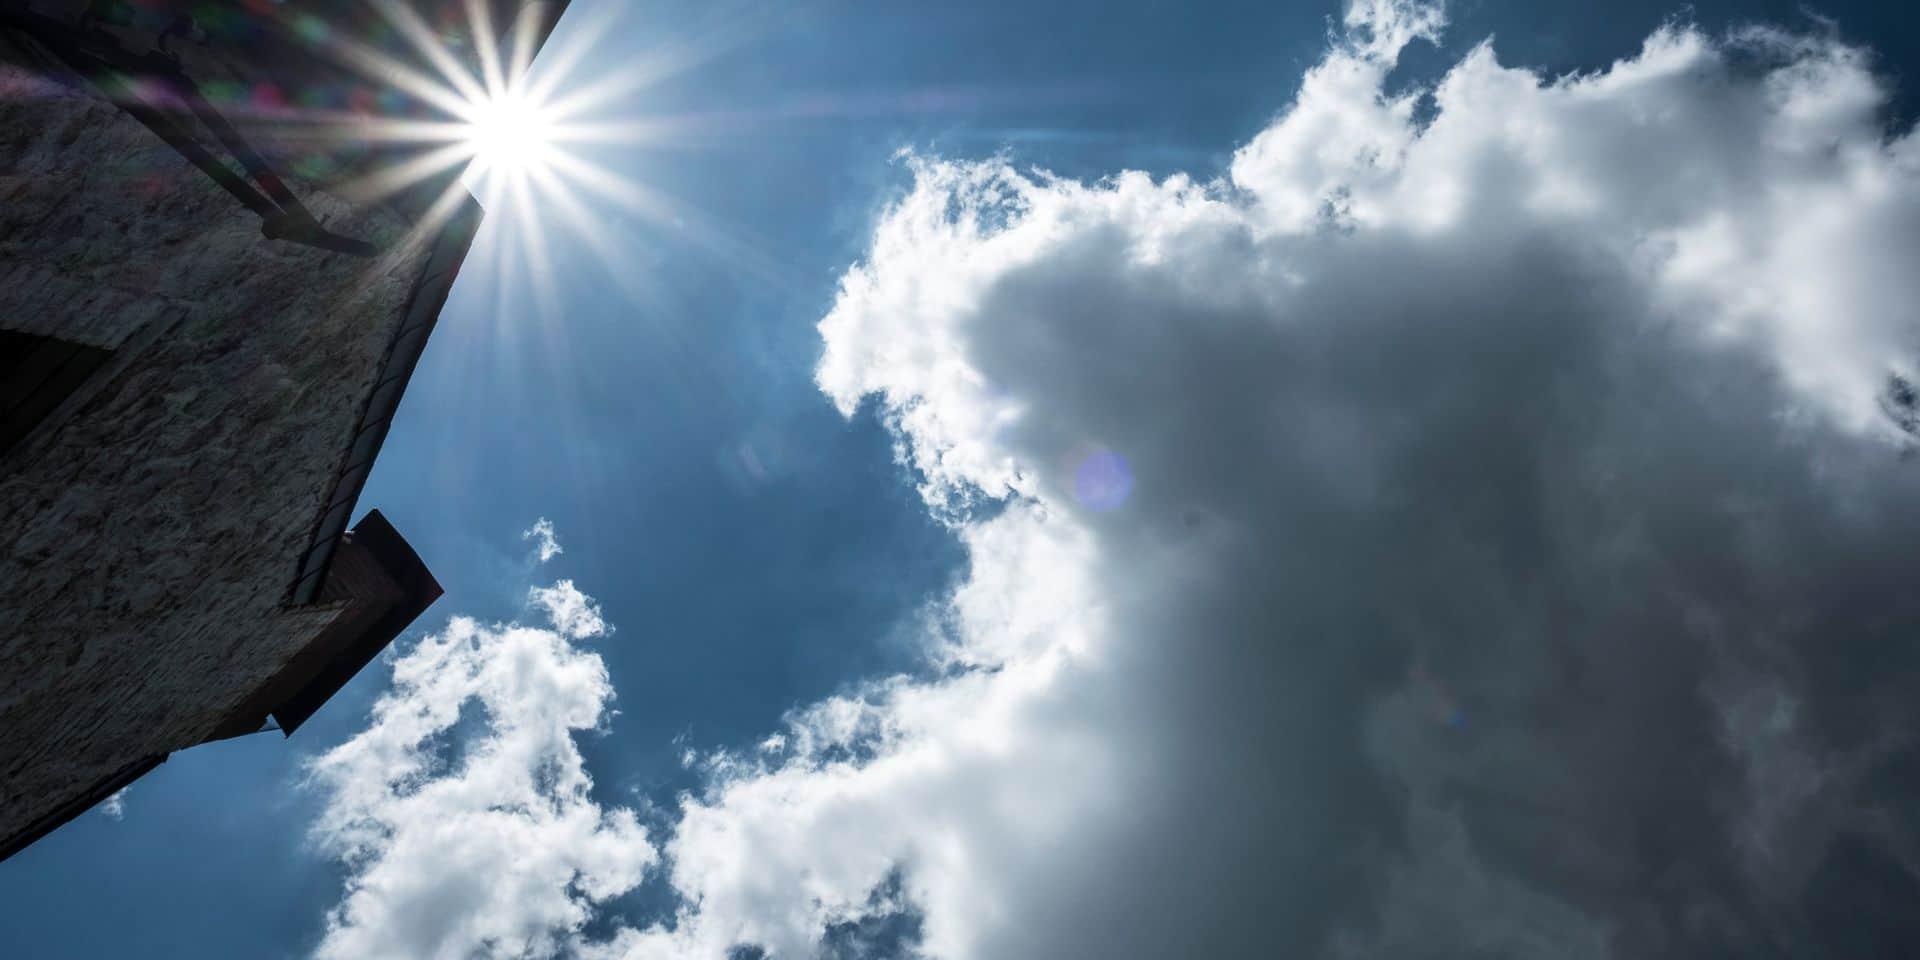 Météo - Jusqu'à 36 degrés en Campine mardi